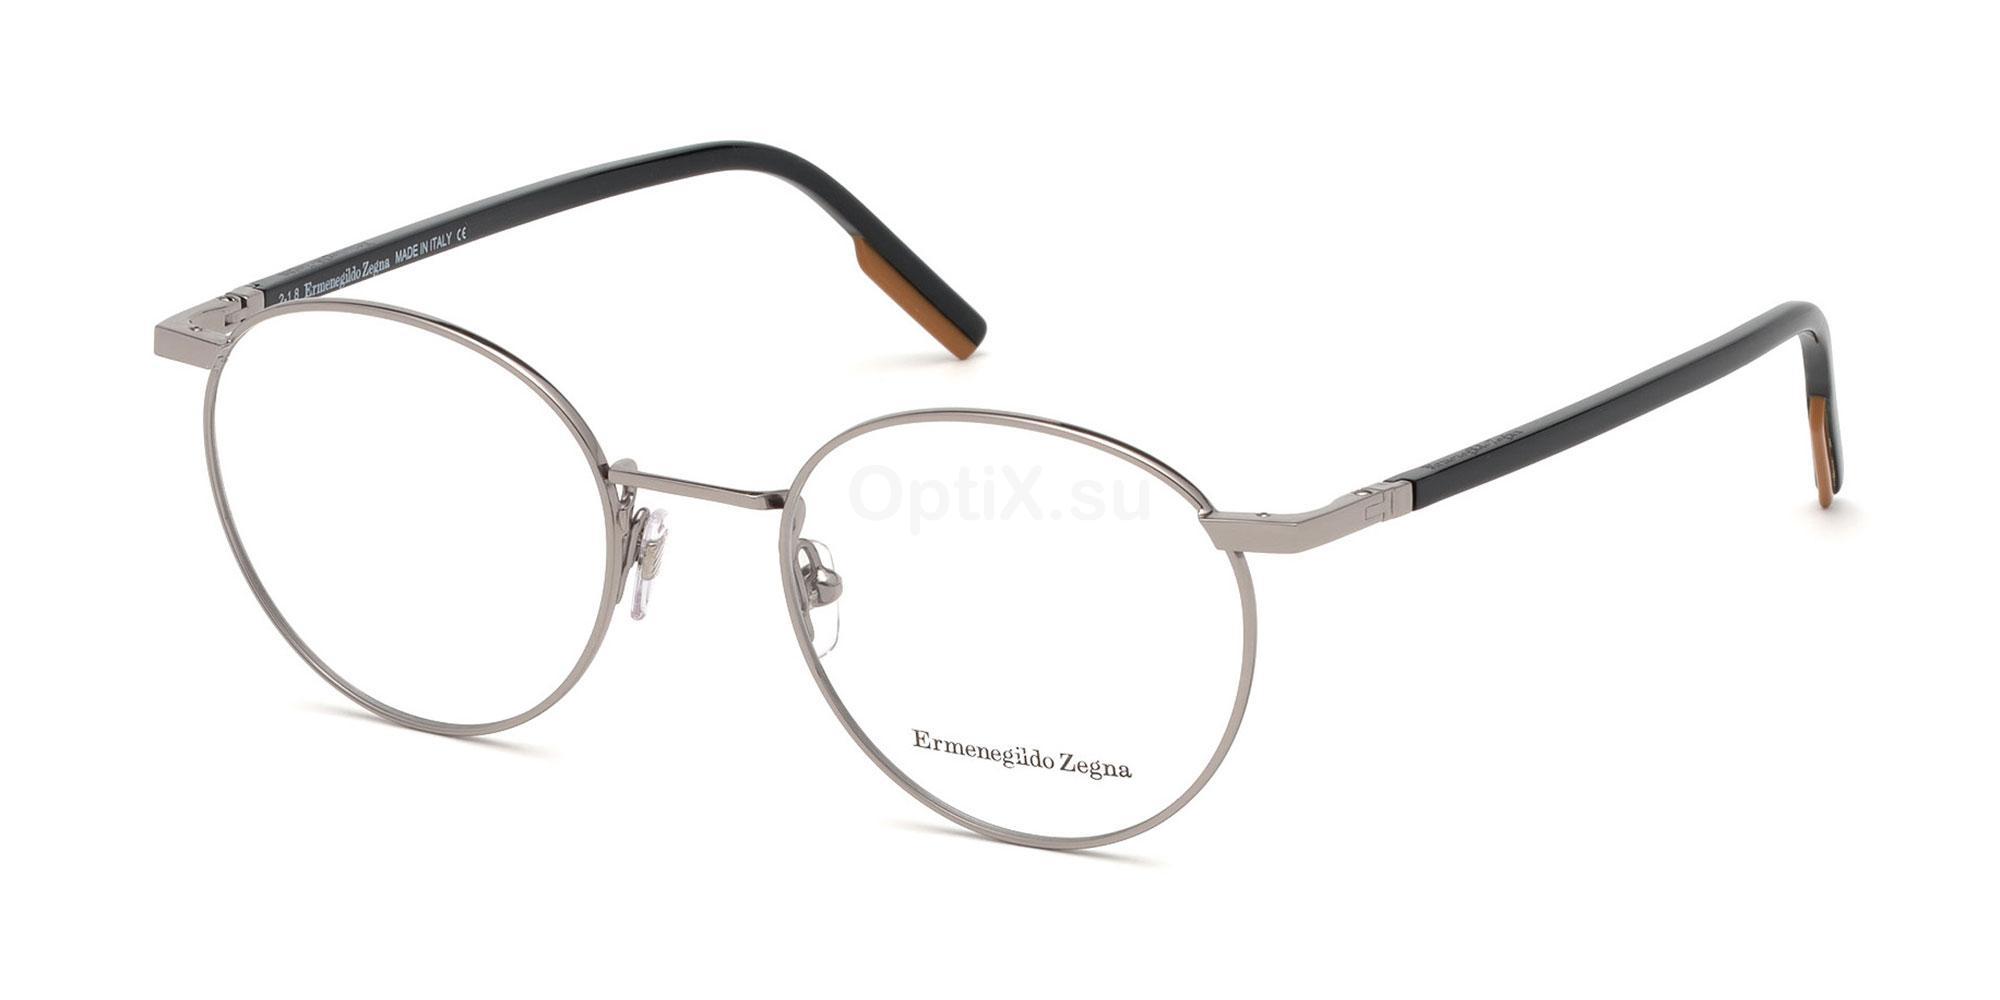 014 EZ5138 Glasses, Ermenegildo Zegna